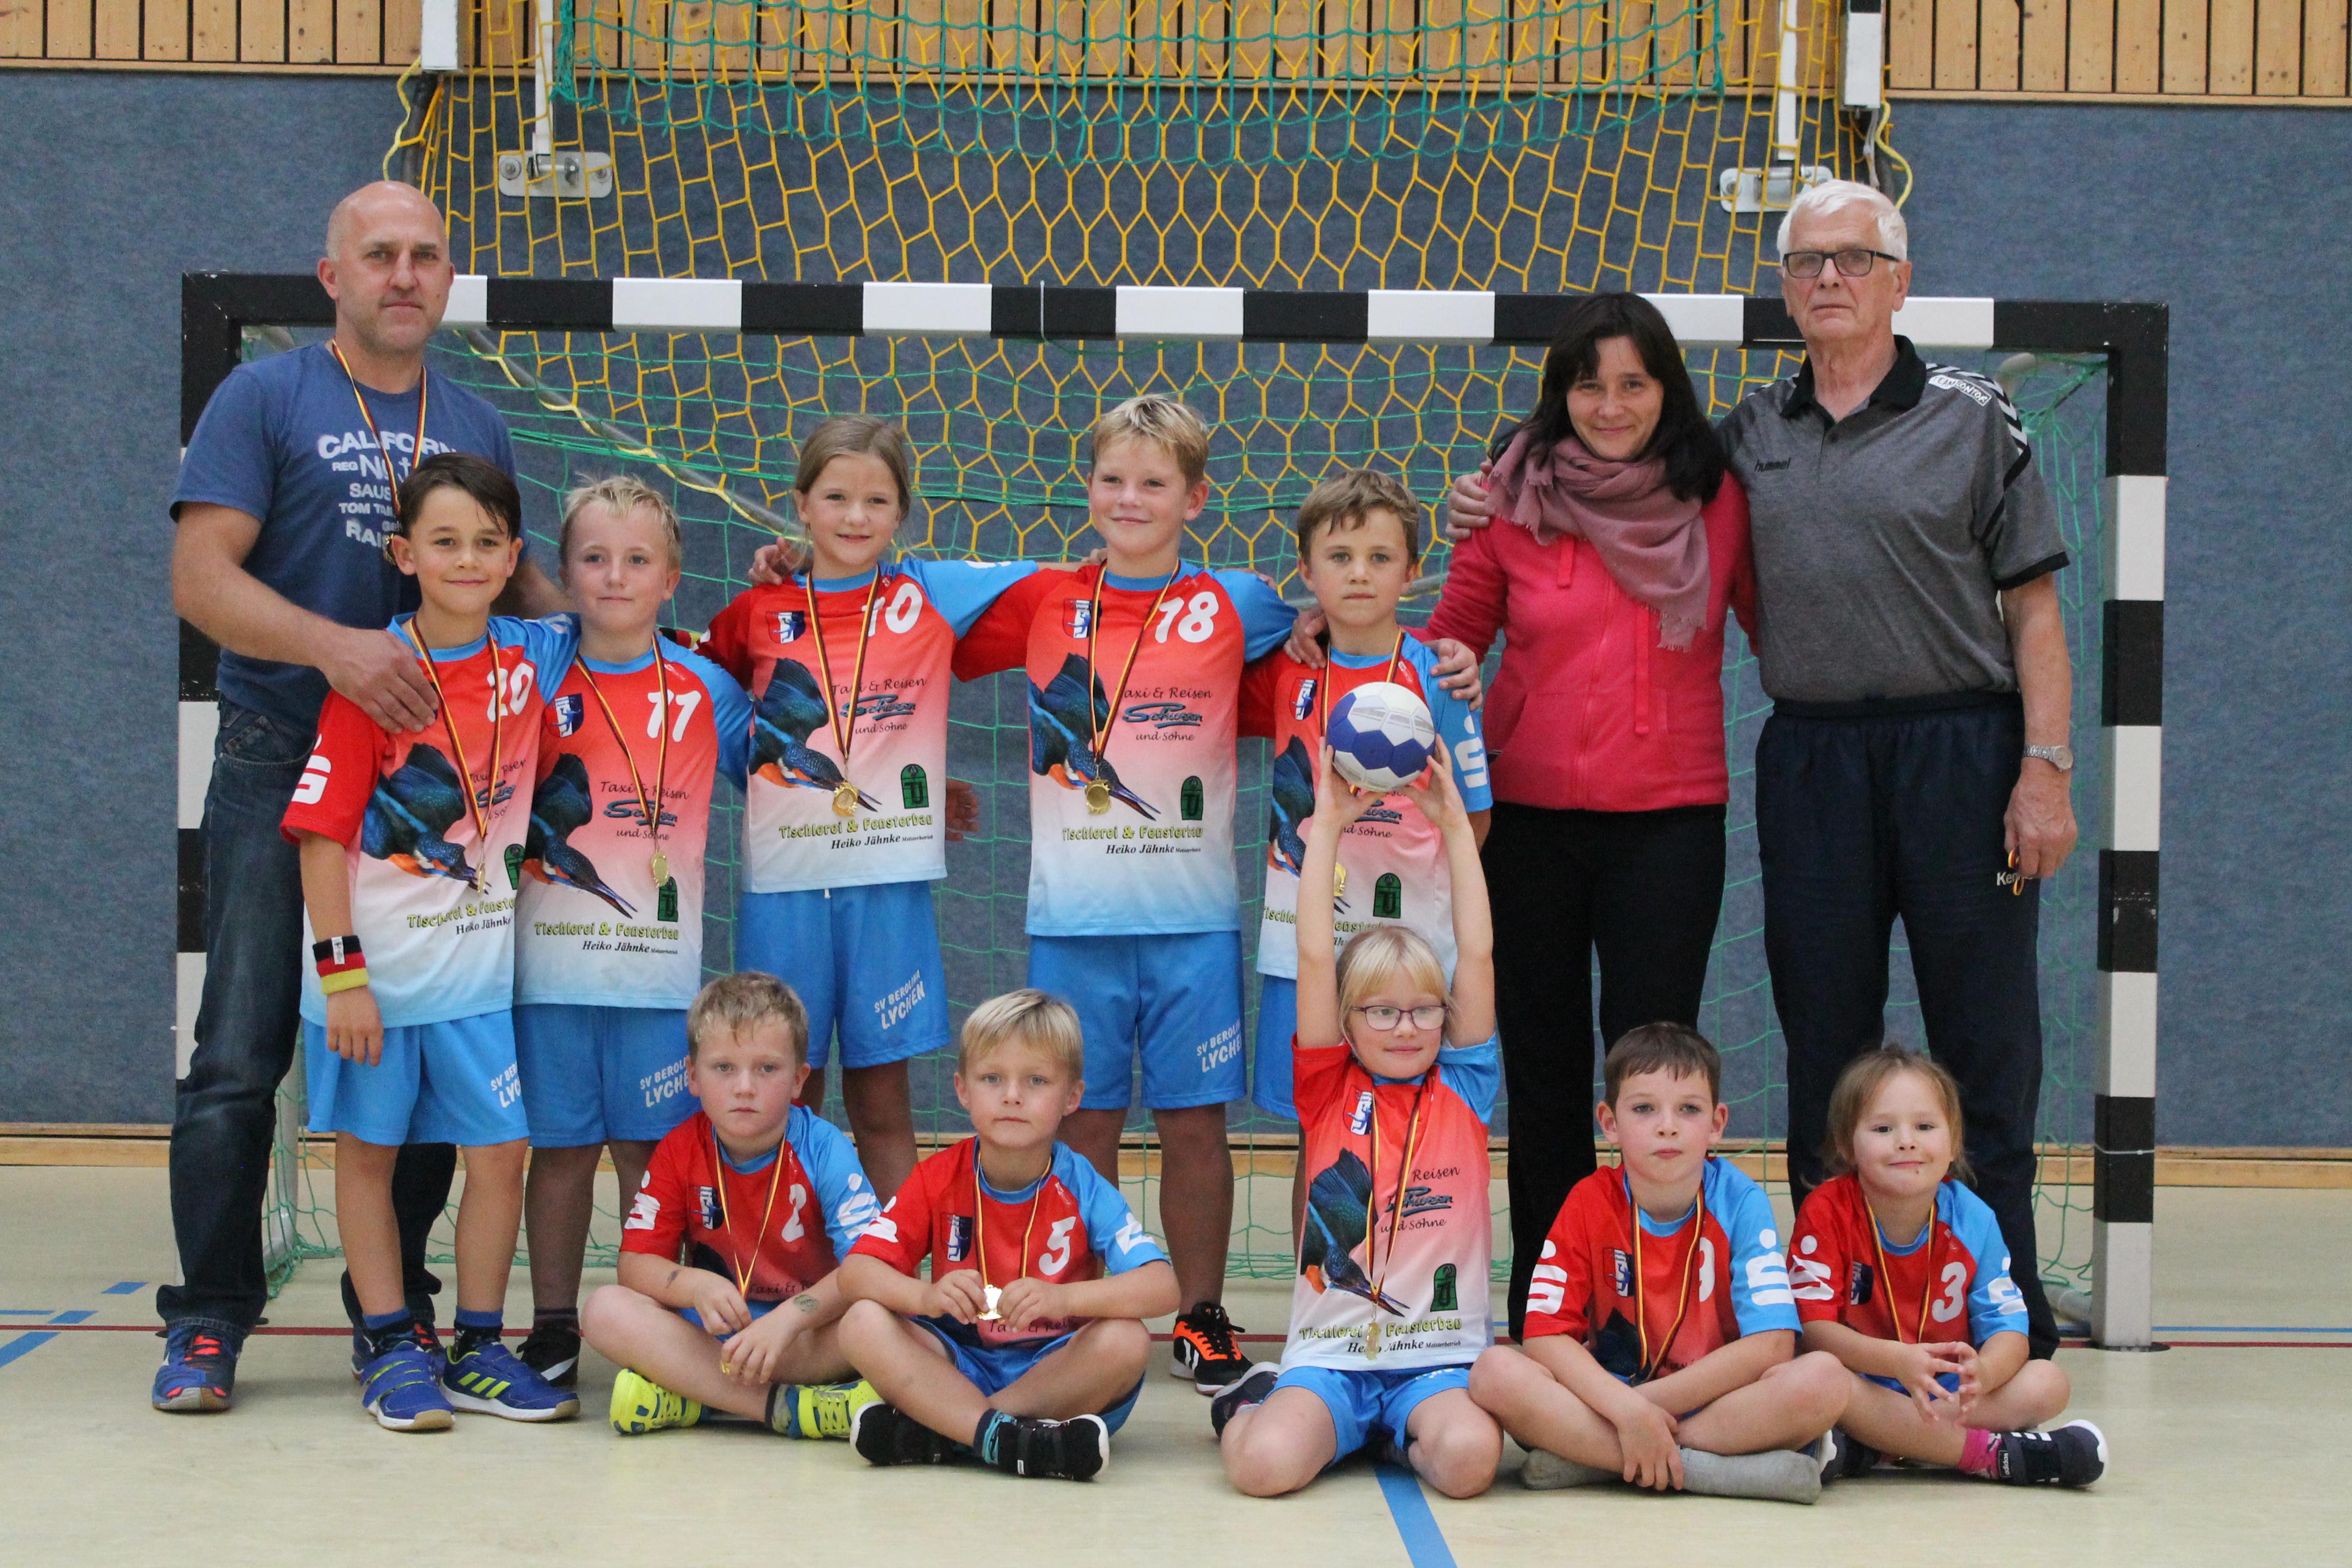 Berolinas Jüngste zum dritten Mal erfolgreich